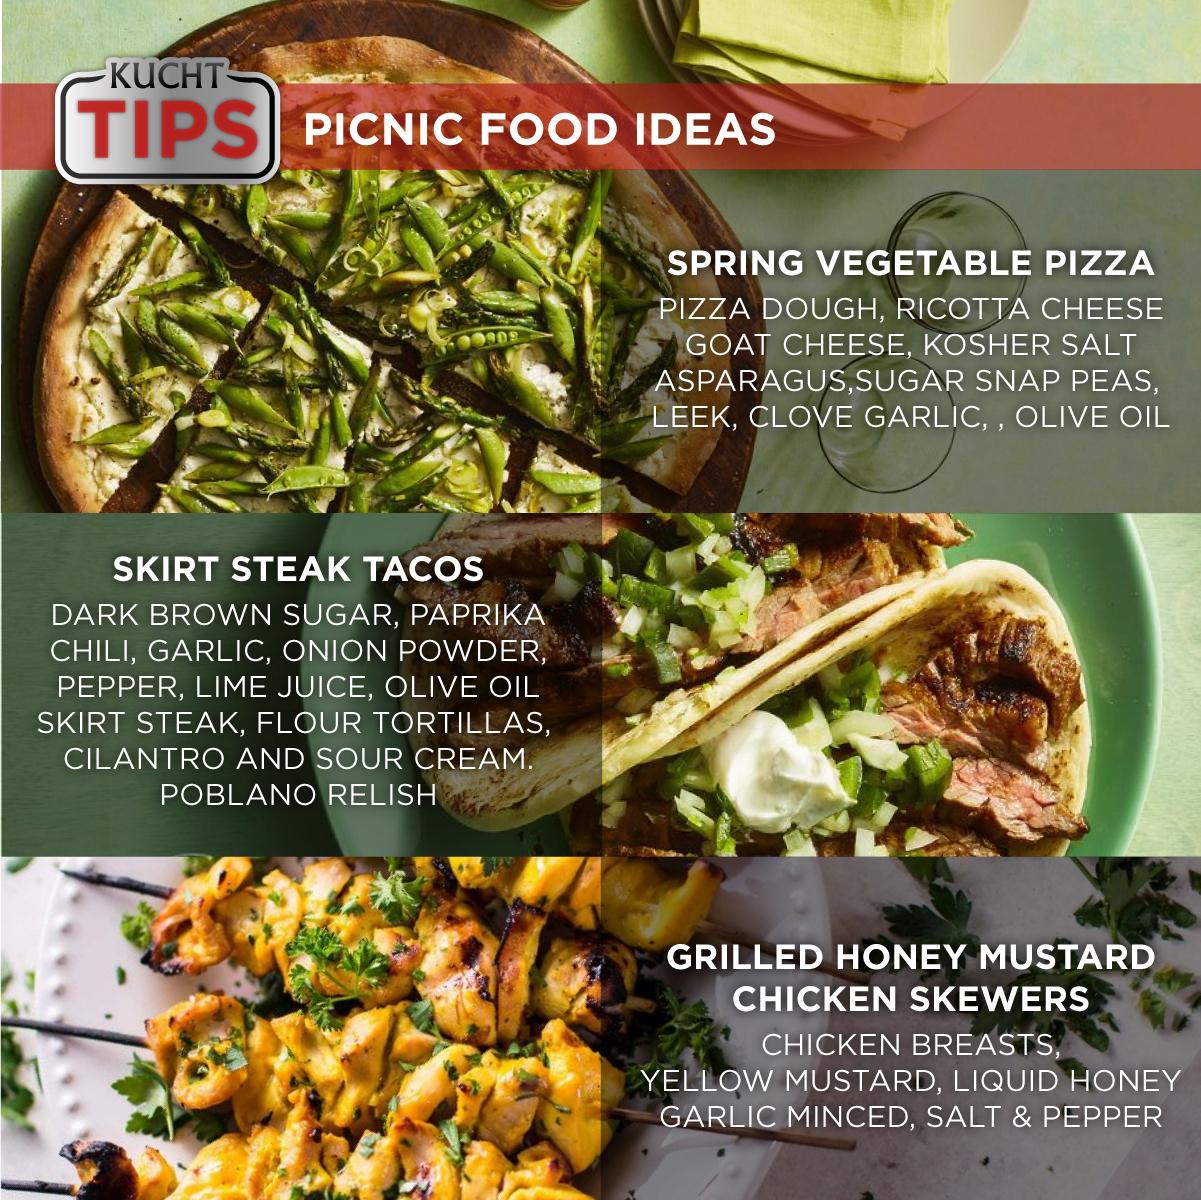 picnic ideas 02 - RECIPES